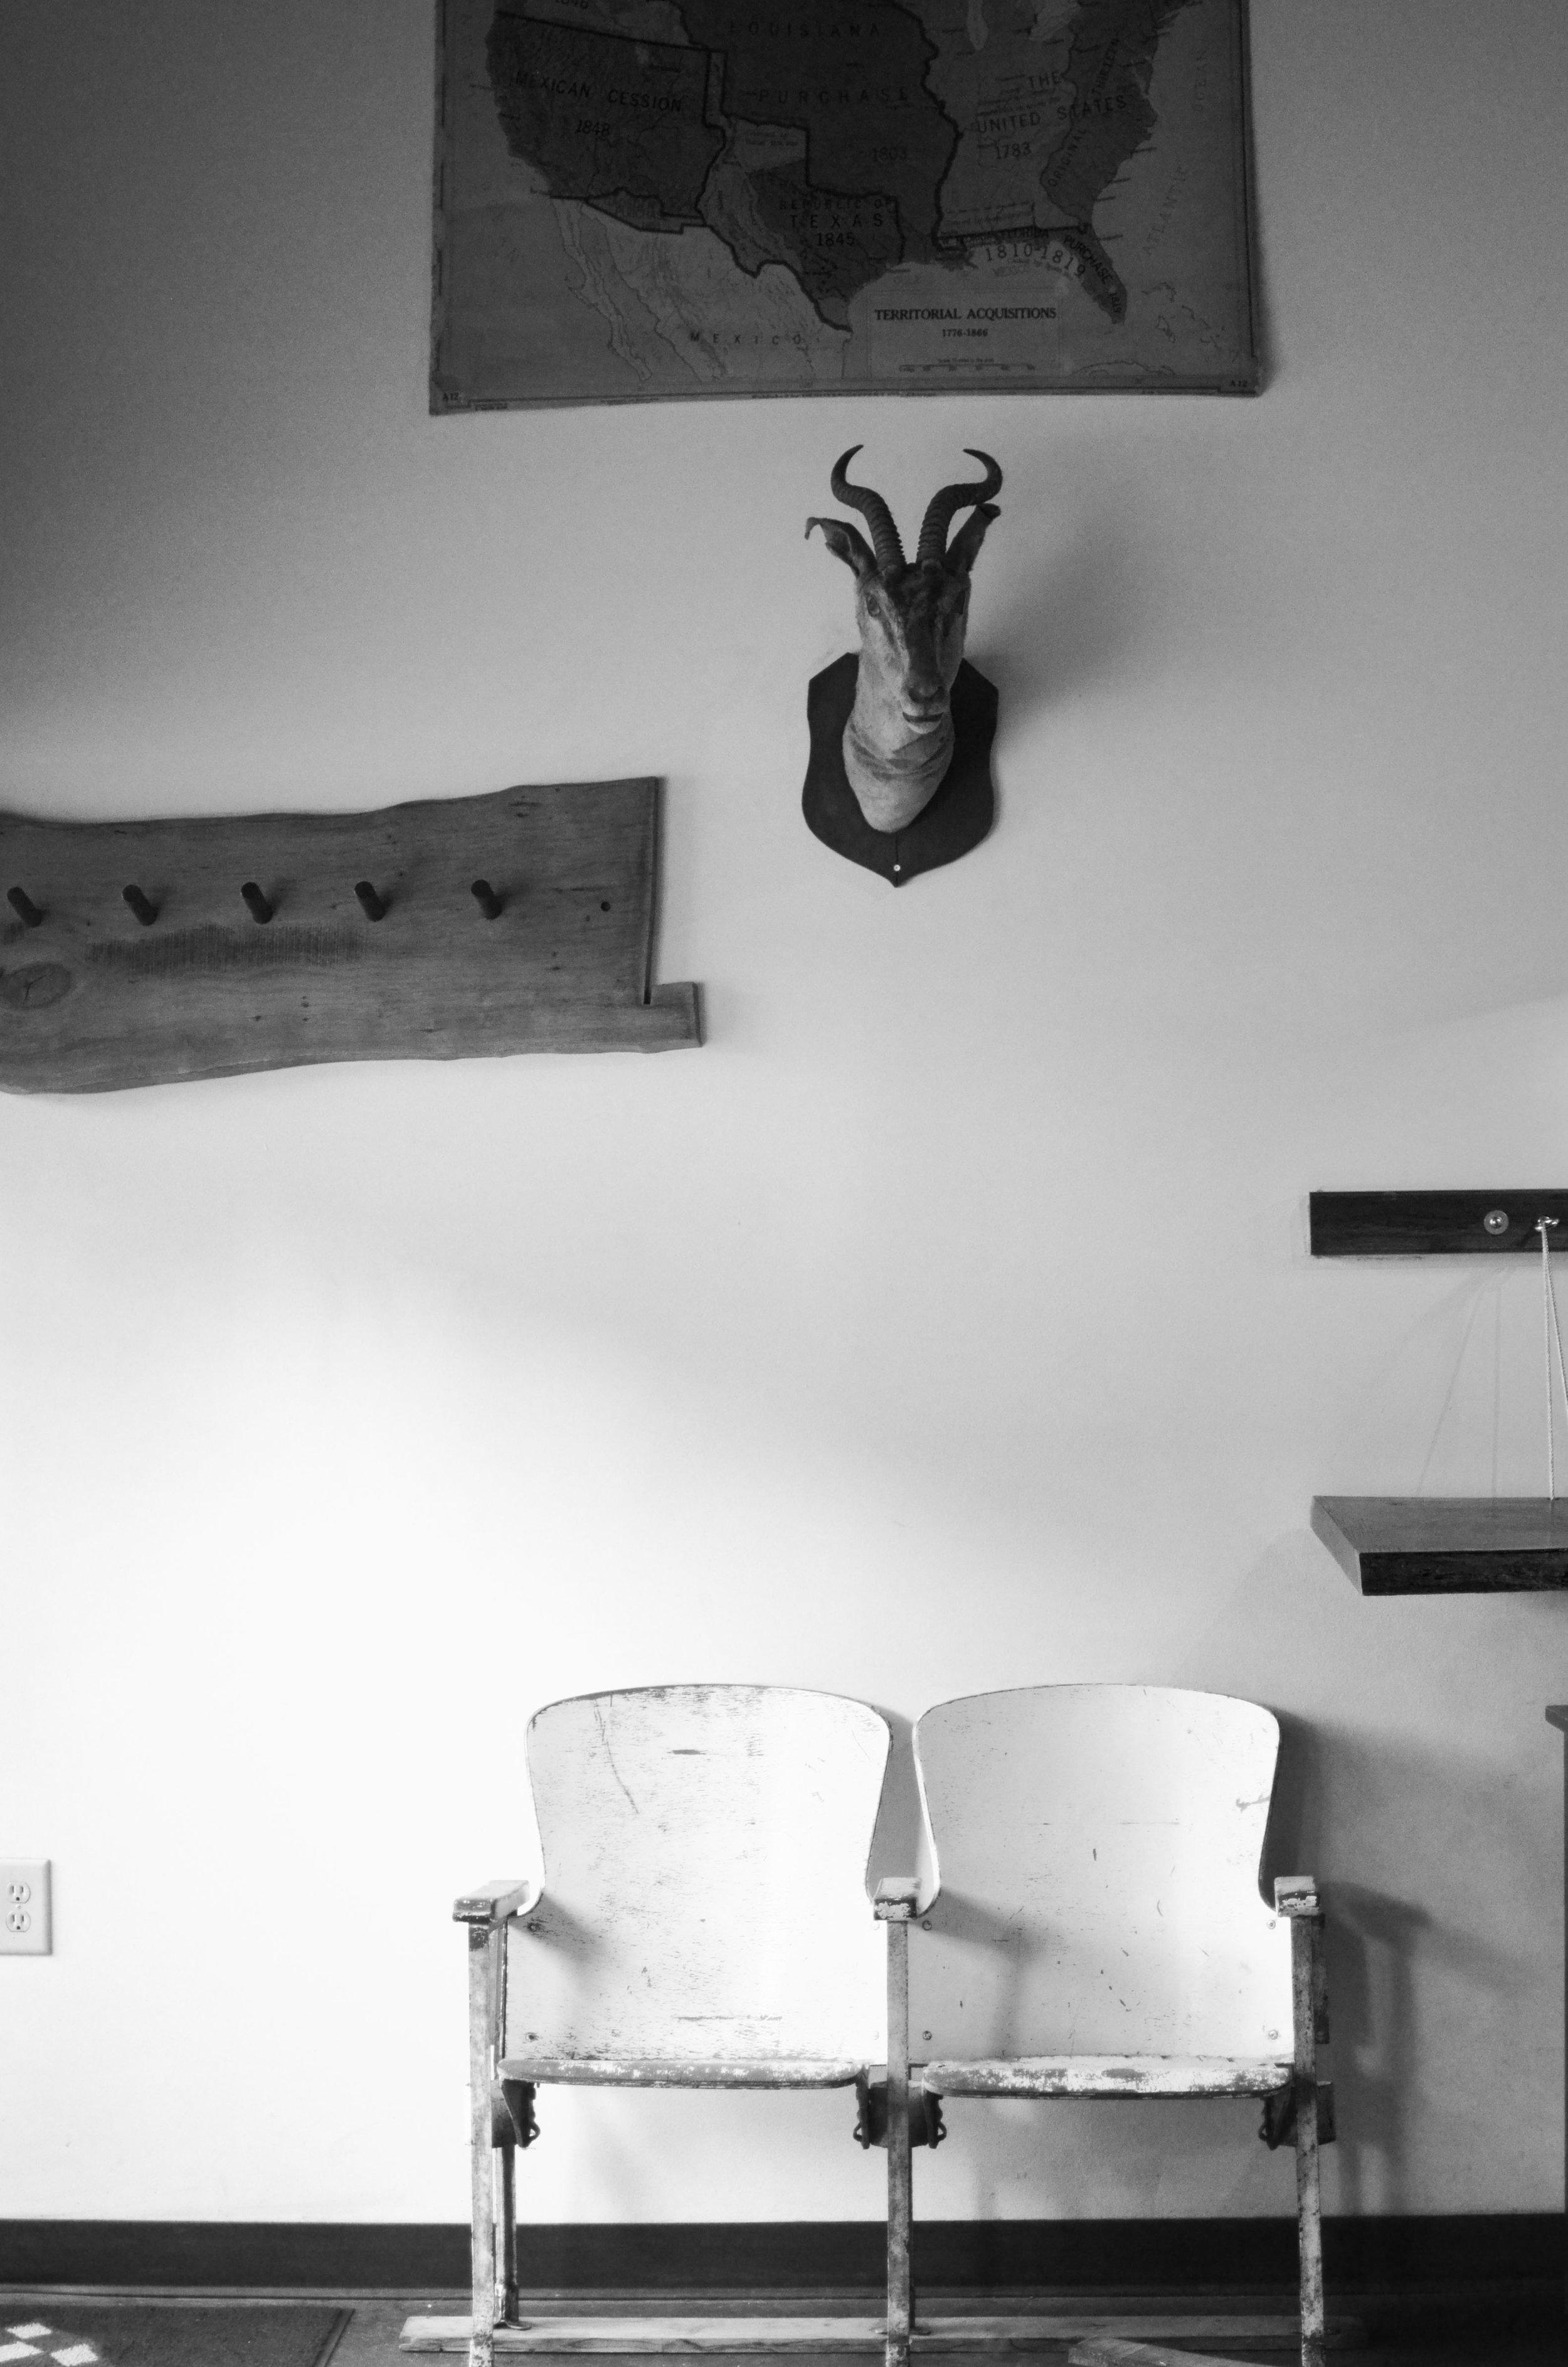 Wendling_Boyd_Barista_Parlor_Craft_Coffee_Culture-12.jpg